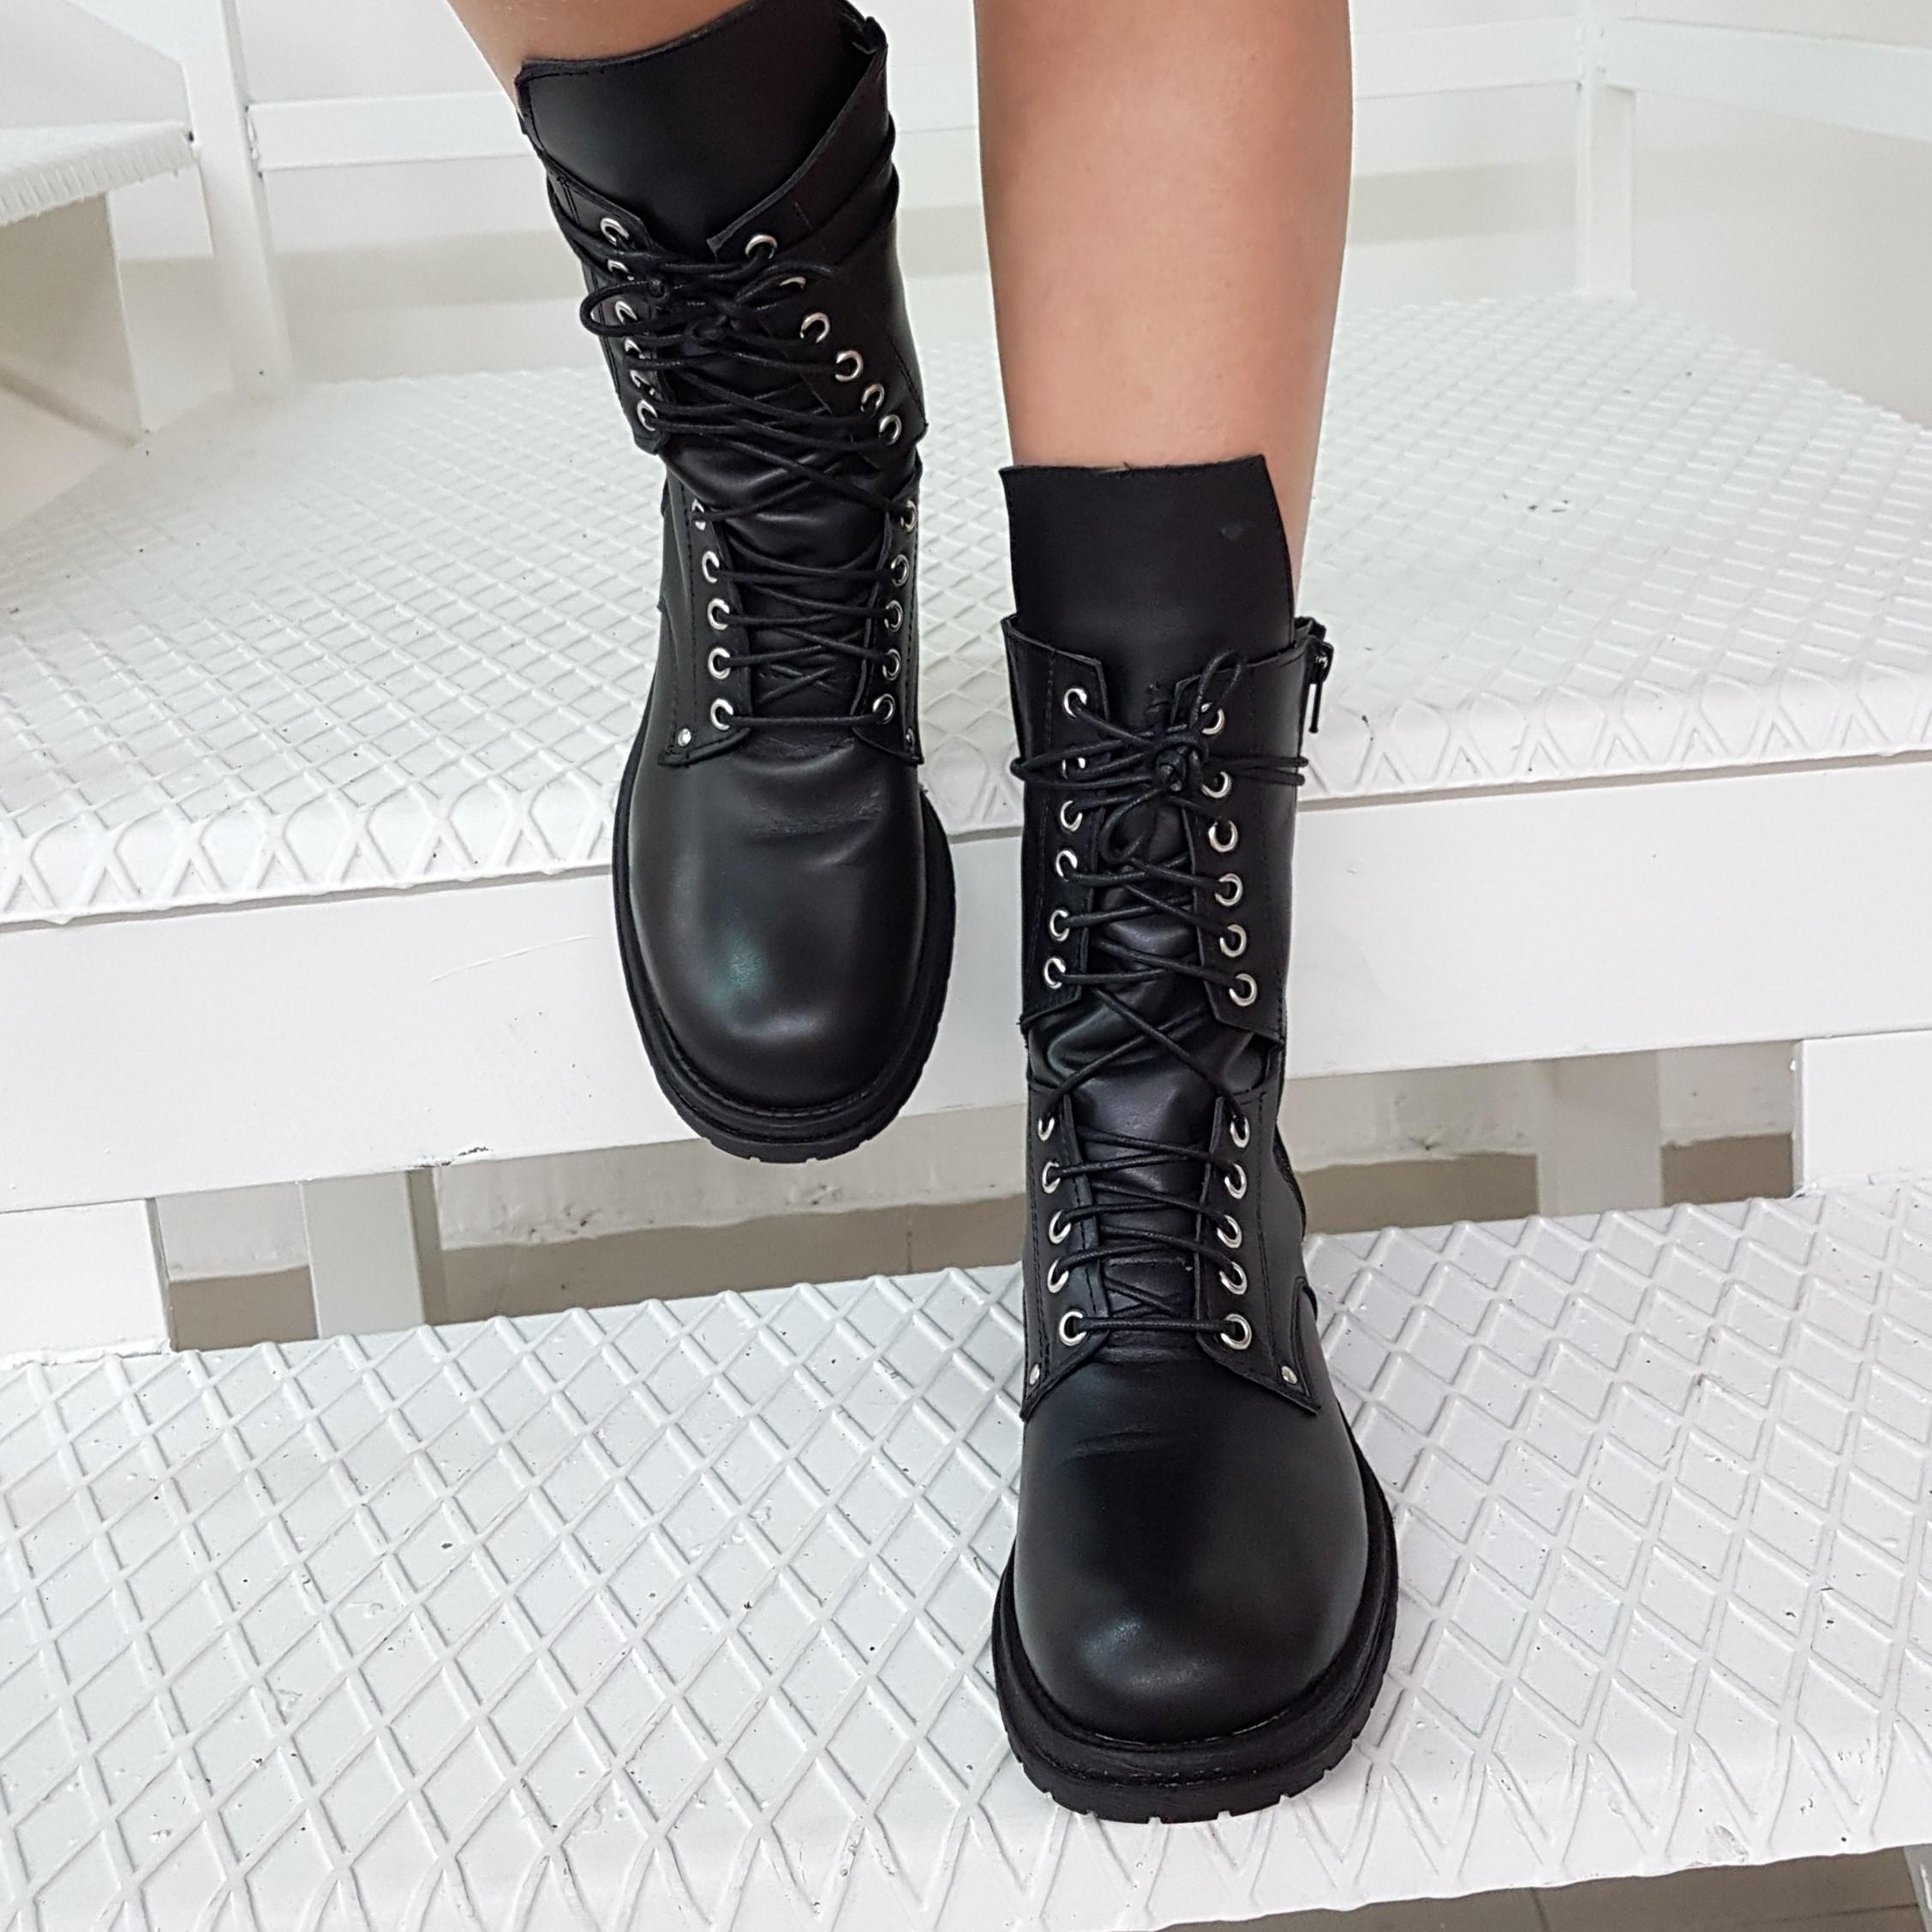 Stivaletti pelle nero lacci mood - Lia diva calzature ...